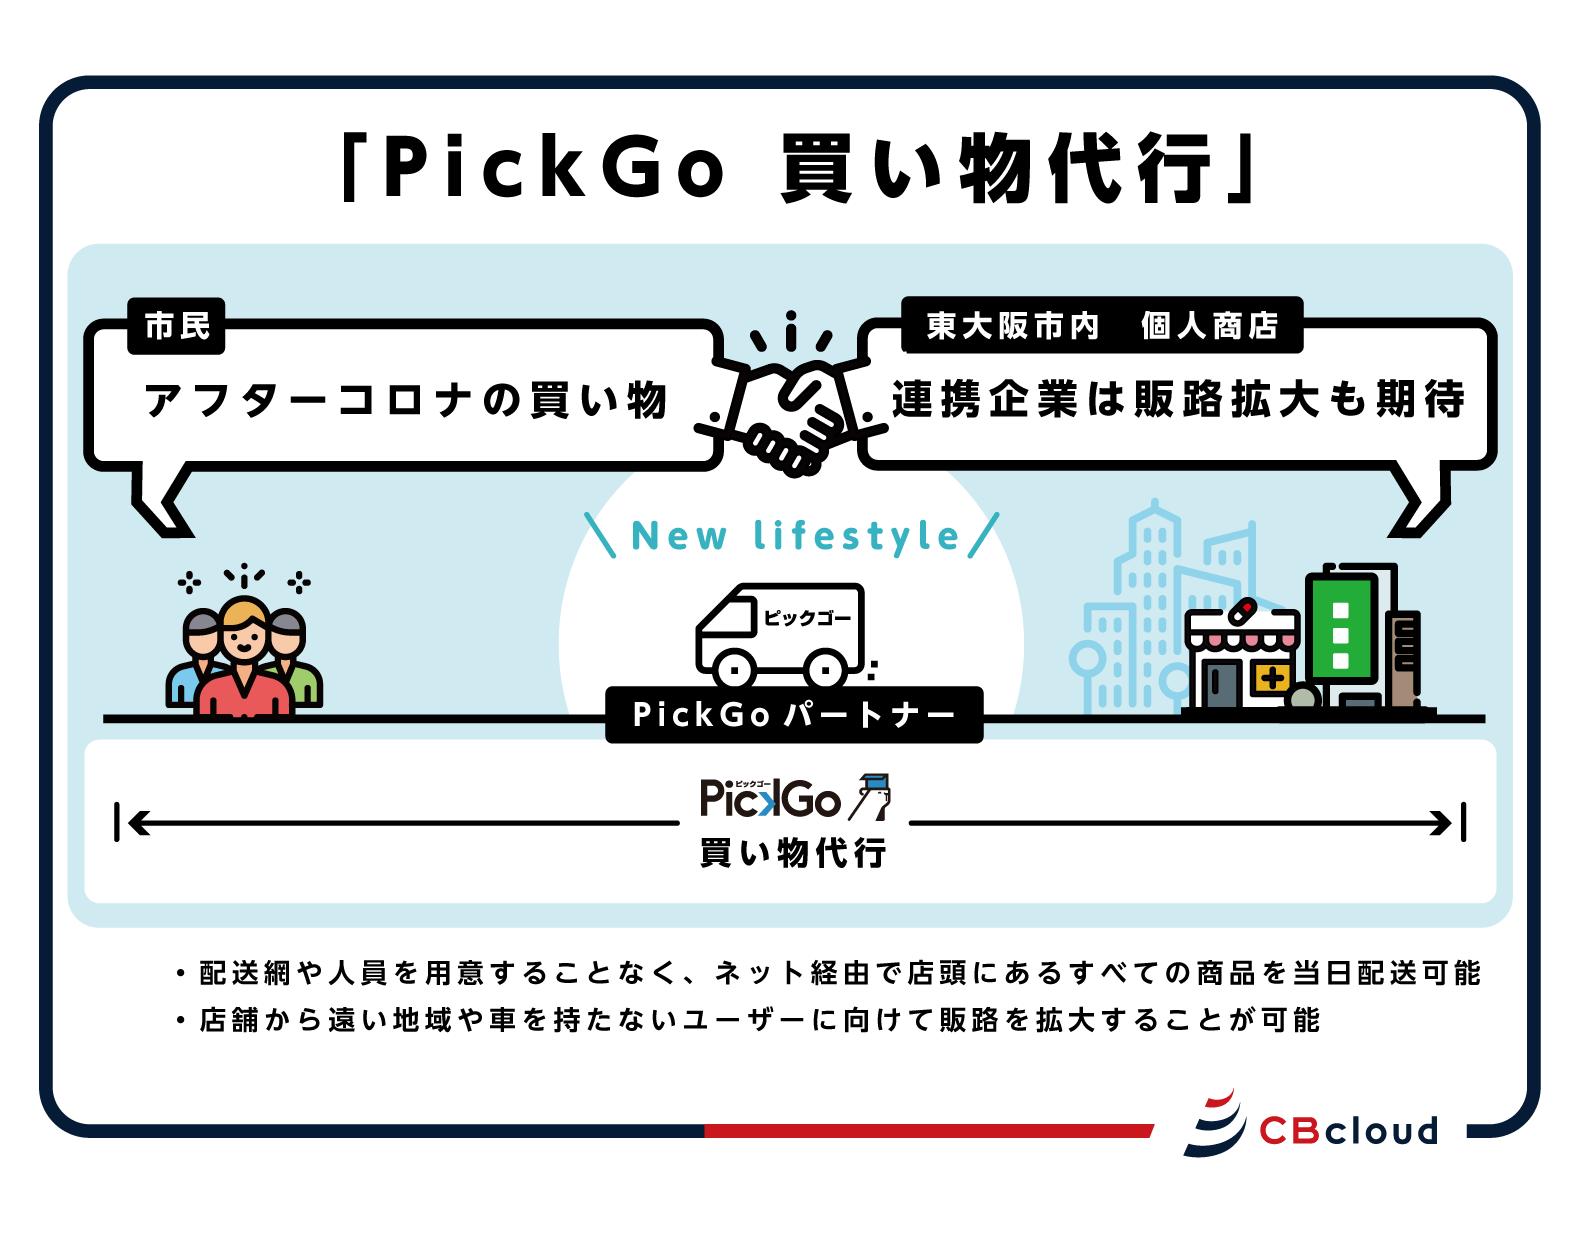 システム 大阪 市 行政 オンライン